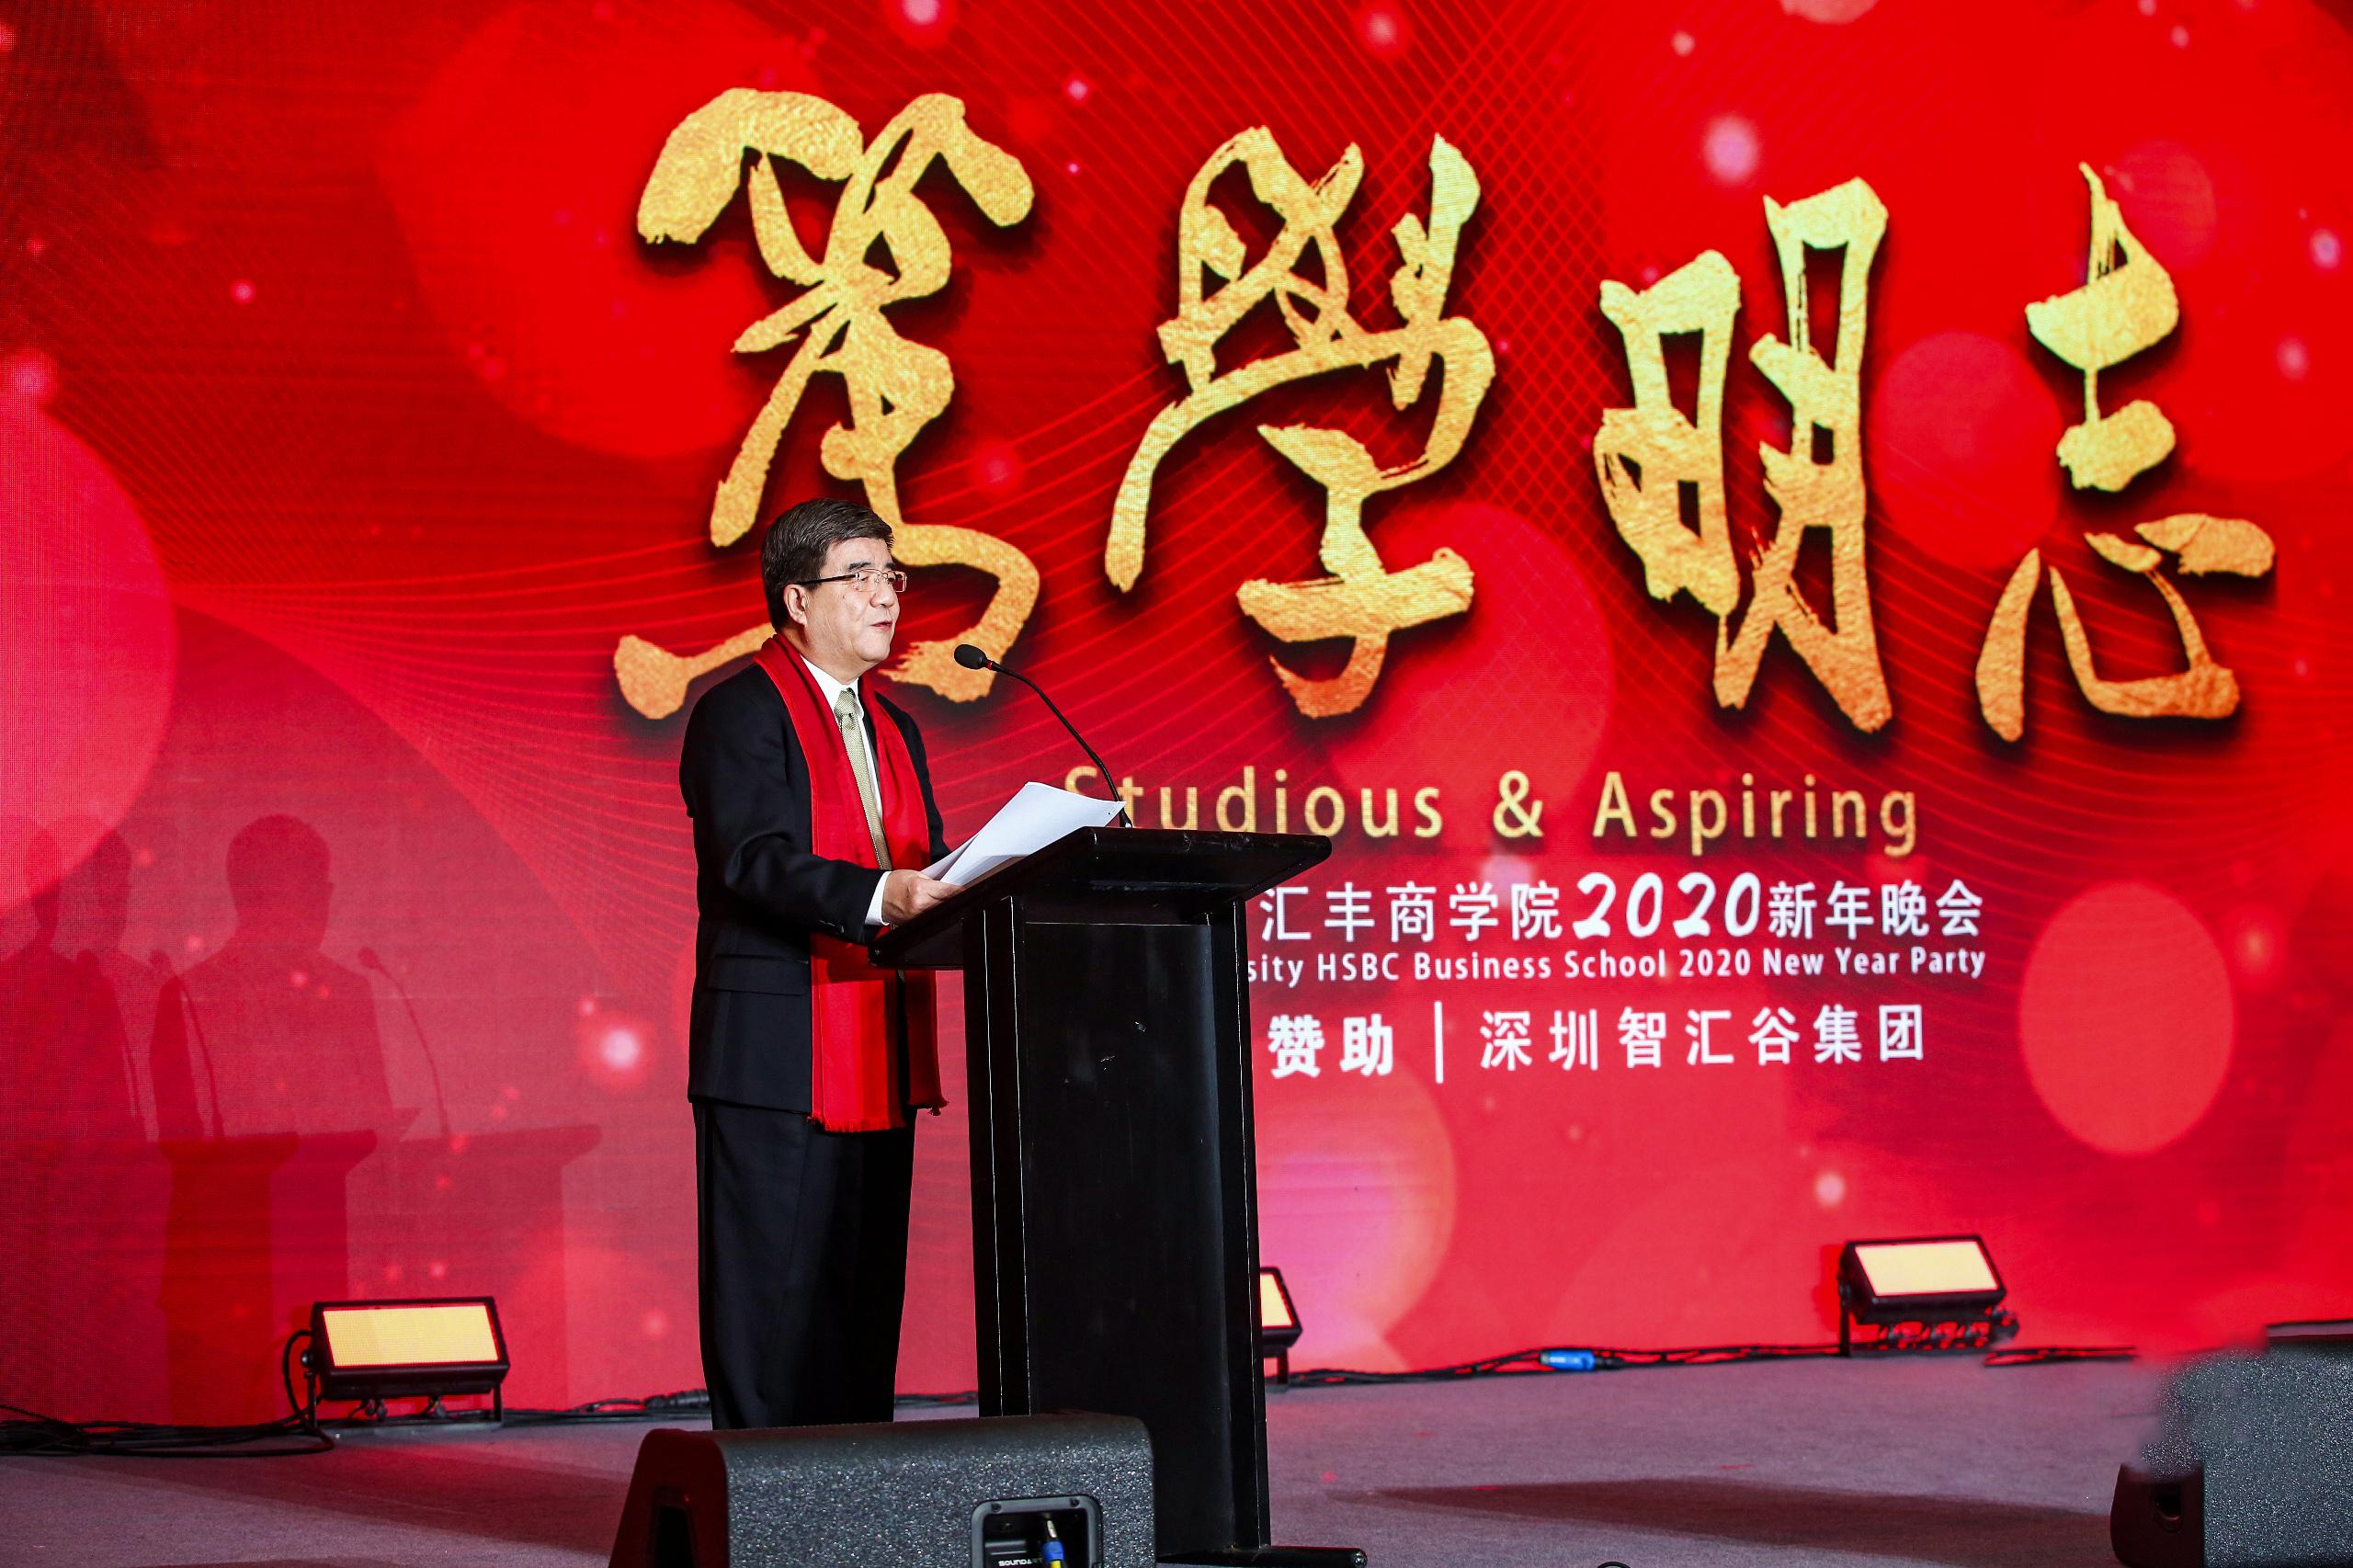 篤學·明志丨海聞院長在2020年新年晚會上的致辭